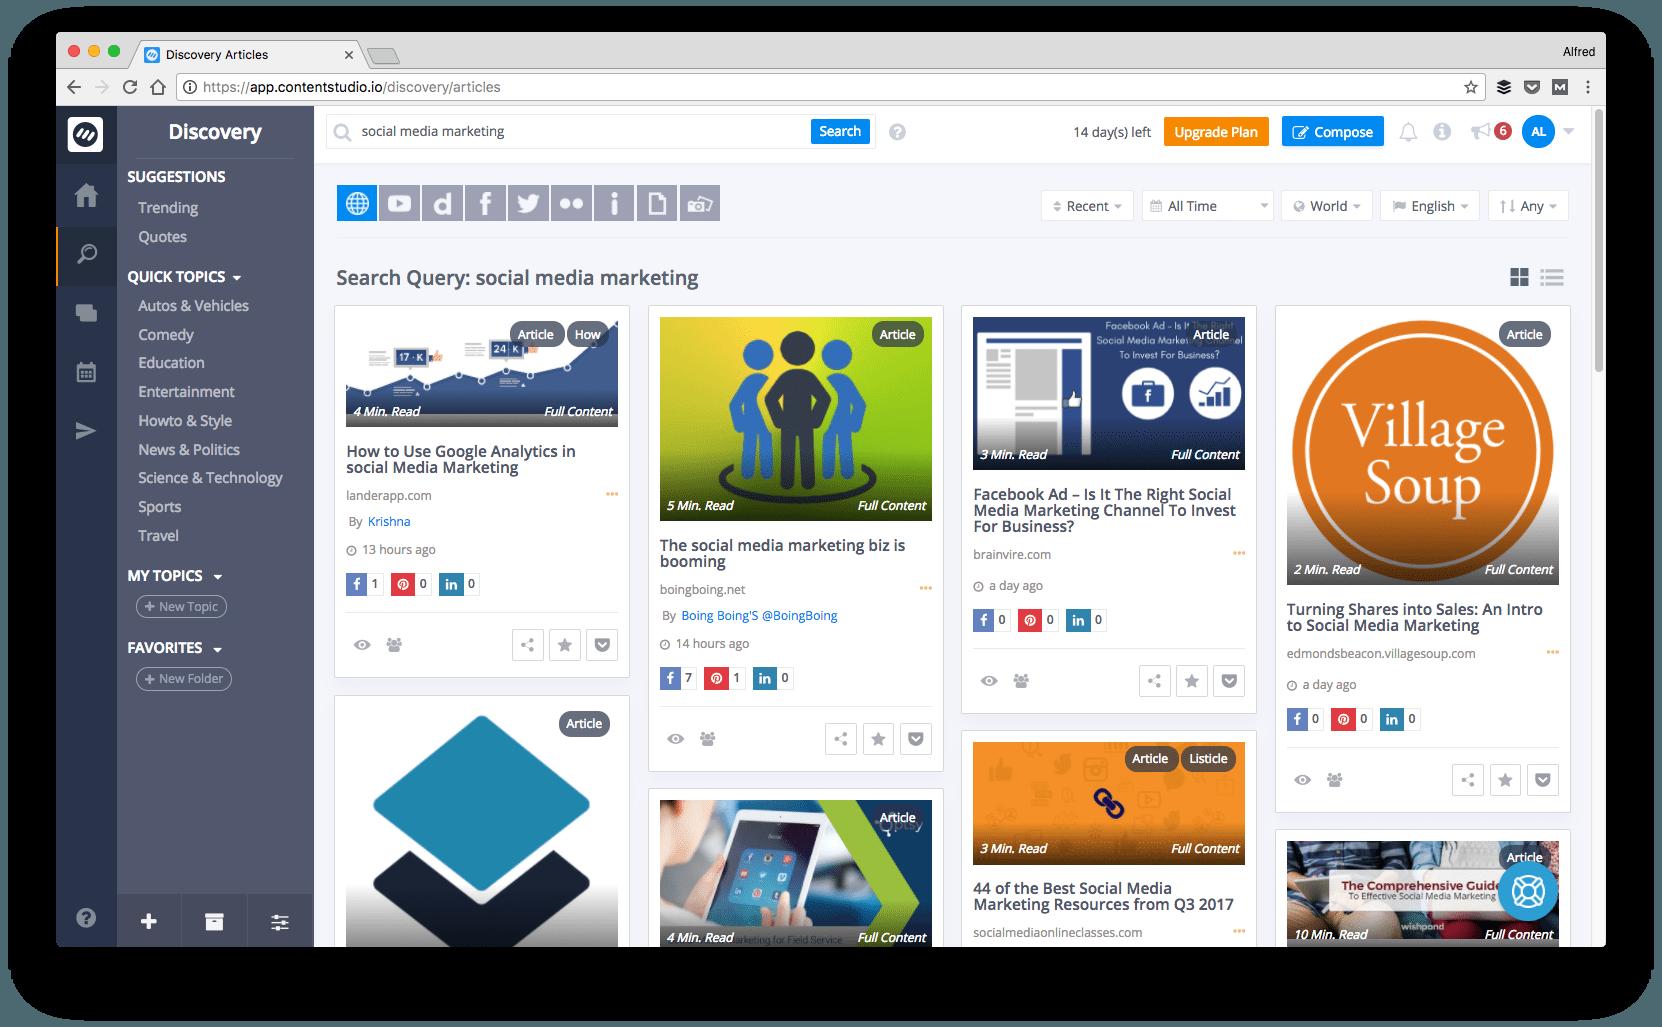 Social media tool 2018: ContentStudio